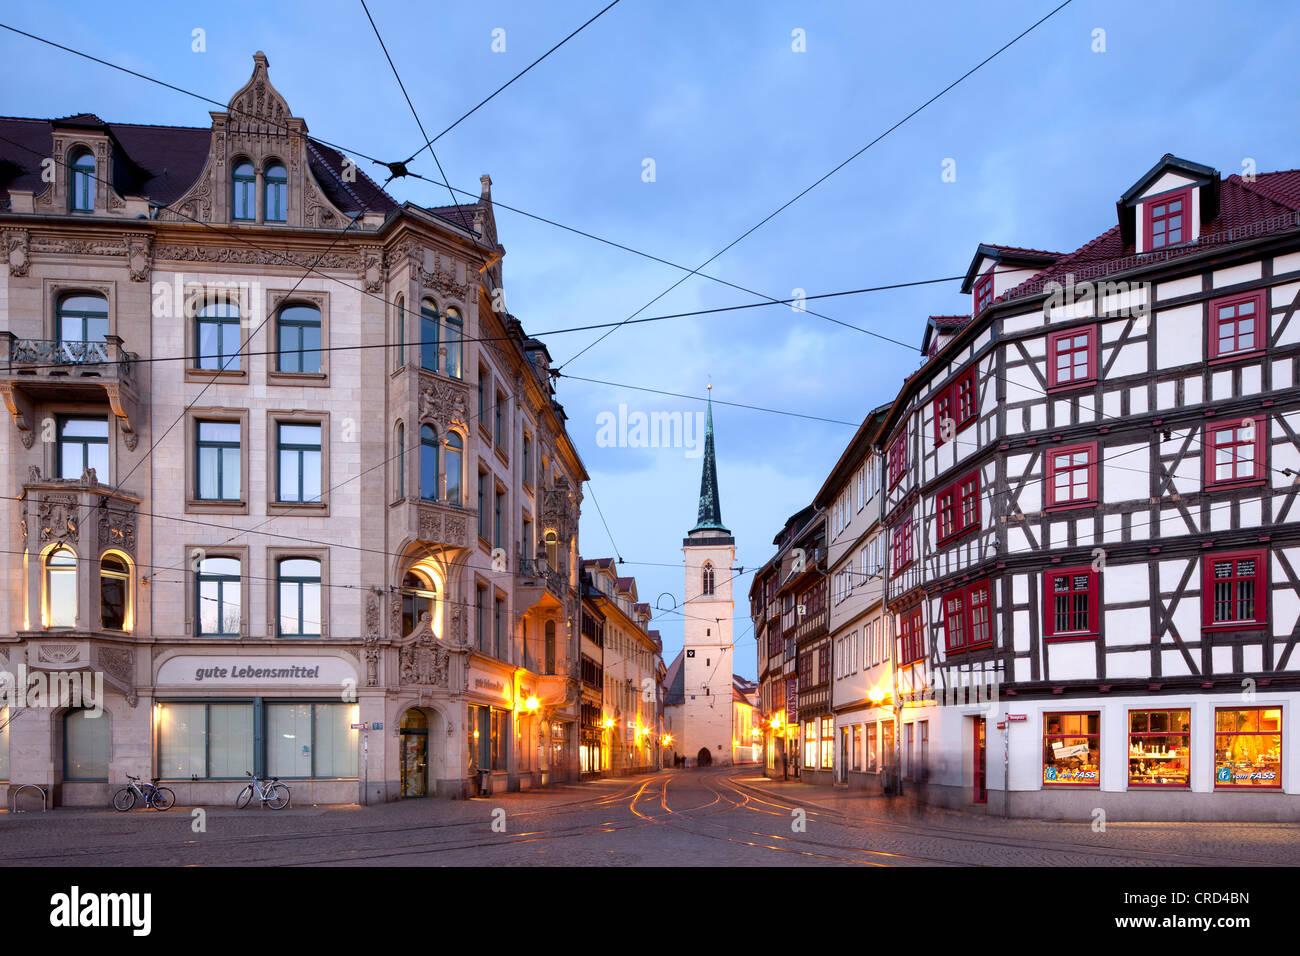 Allerheiligenkirche Kirche, quadratische Domplatz, Erfurt, Thüringen, Deutschland, Europa, PublicGround Stockbild